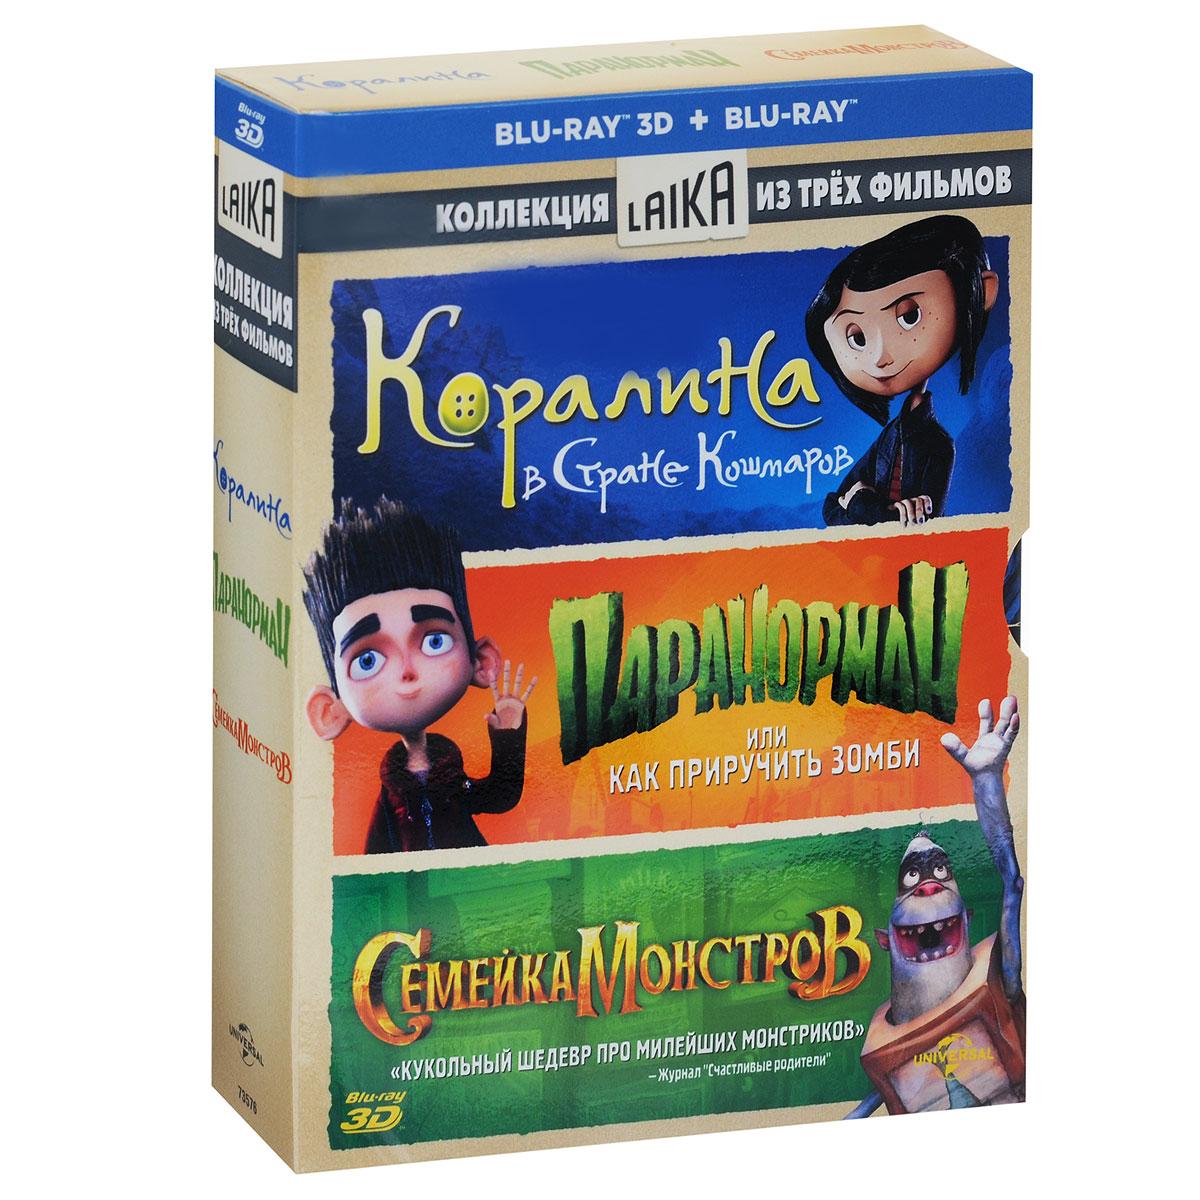 3D коллекция: Коралина в Стране Кошмаров / Паранорман, или Как приручить зомби / Семейка монстров 3D и 2D (3 Blu-ray)Знаменитый своей богатой фантазией режиссер Кошмара перед Рождеством представляет приключенческий мультфильм по бестселлеру Нила Геймана! Заскучав в реальном мире, Коралина Джонс находит потайную дверь, за которой скрывается жизнь, похожая на ее собственную - только лучше. Но чудесная страна оказывается опасной, и двойники родителей Коралины - в том числе, ее Другая Мама - пытаются заманить девочку в ловушку. Коралине понадобится вся ее решительность, смелость и сообразительность, чтобы убежать - и спасти свою семью.